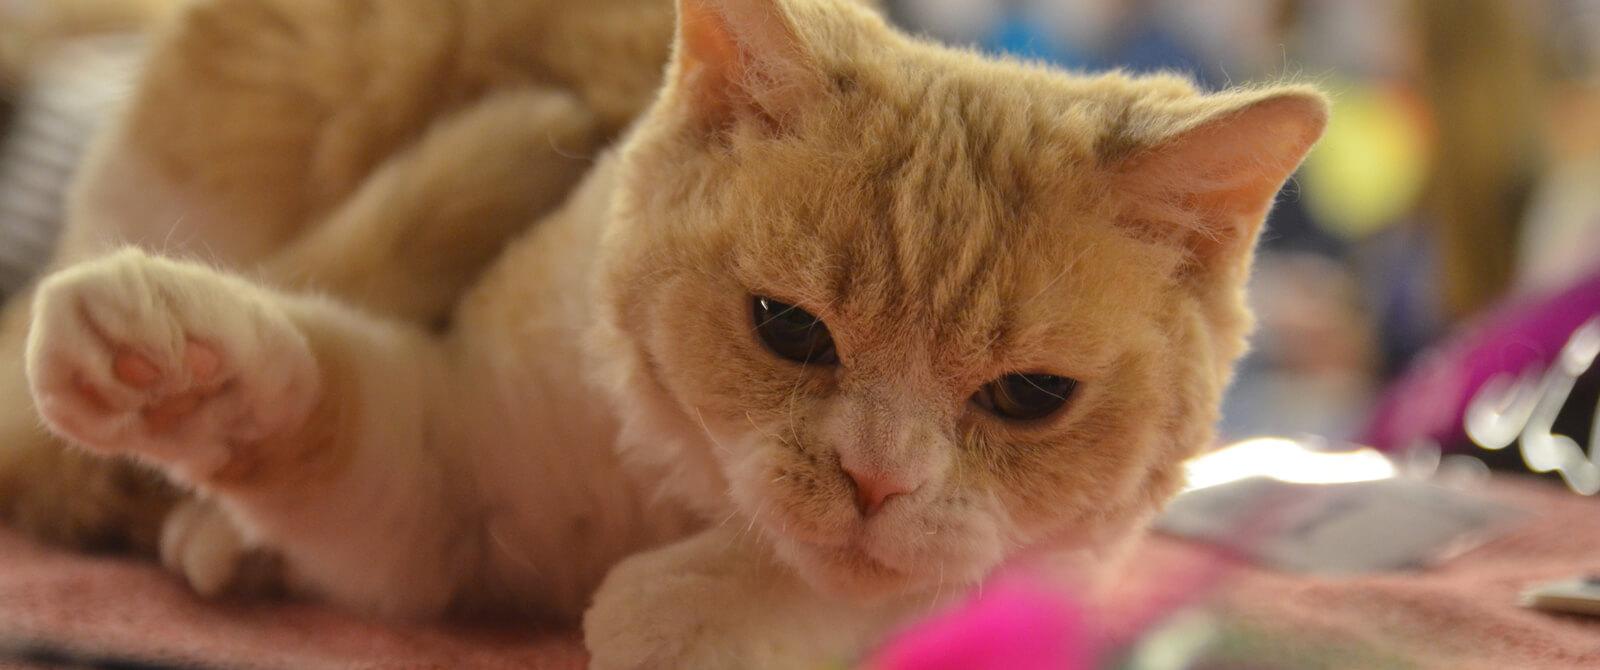 Retos katės – įprastos parodų dalyvės